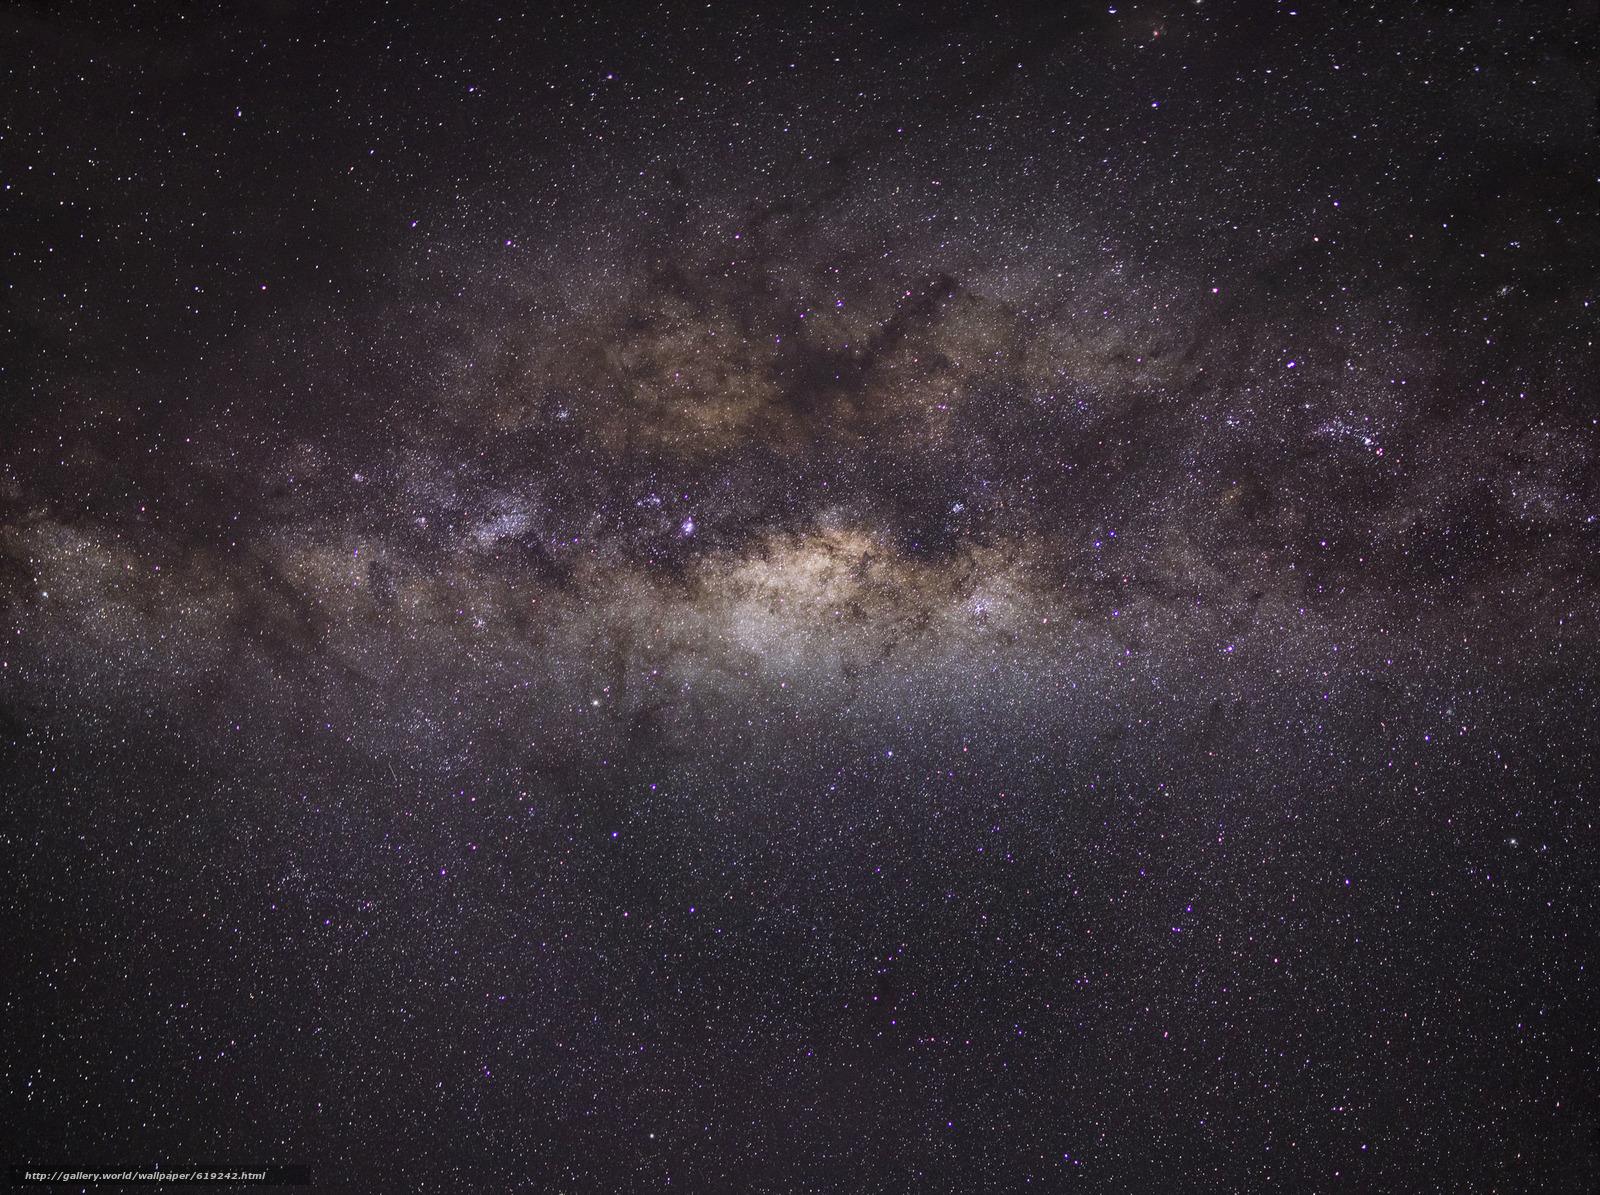 Скачать на телефон обои фото картинку на тему Ночь, небо, Млечный Путь космос, звеёды, разширение 2048x1530